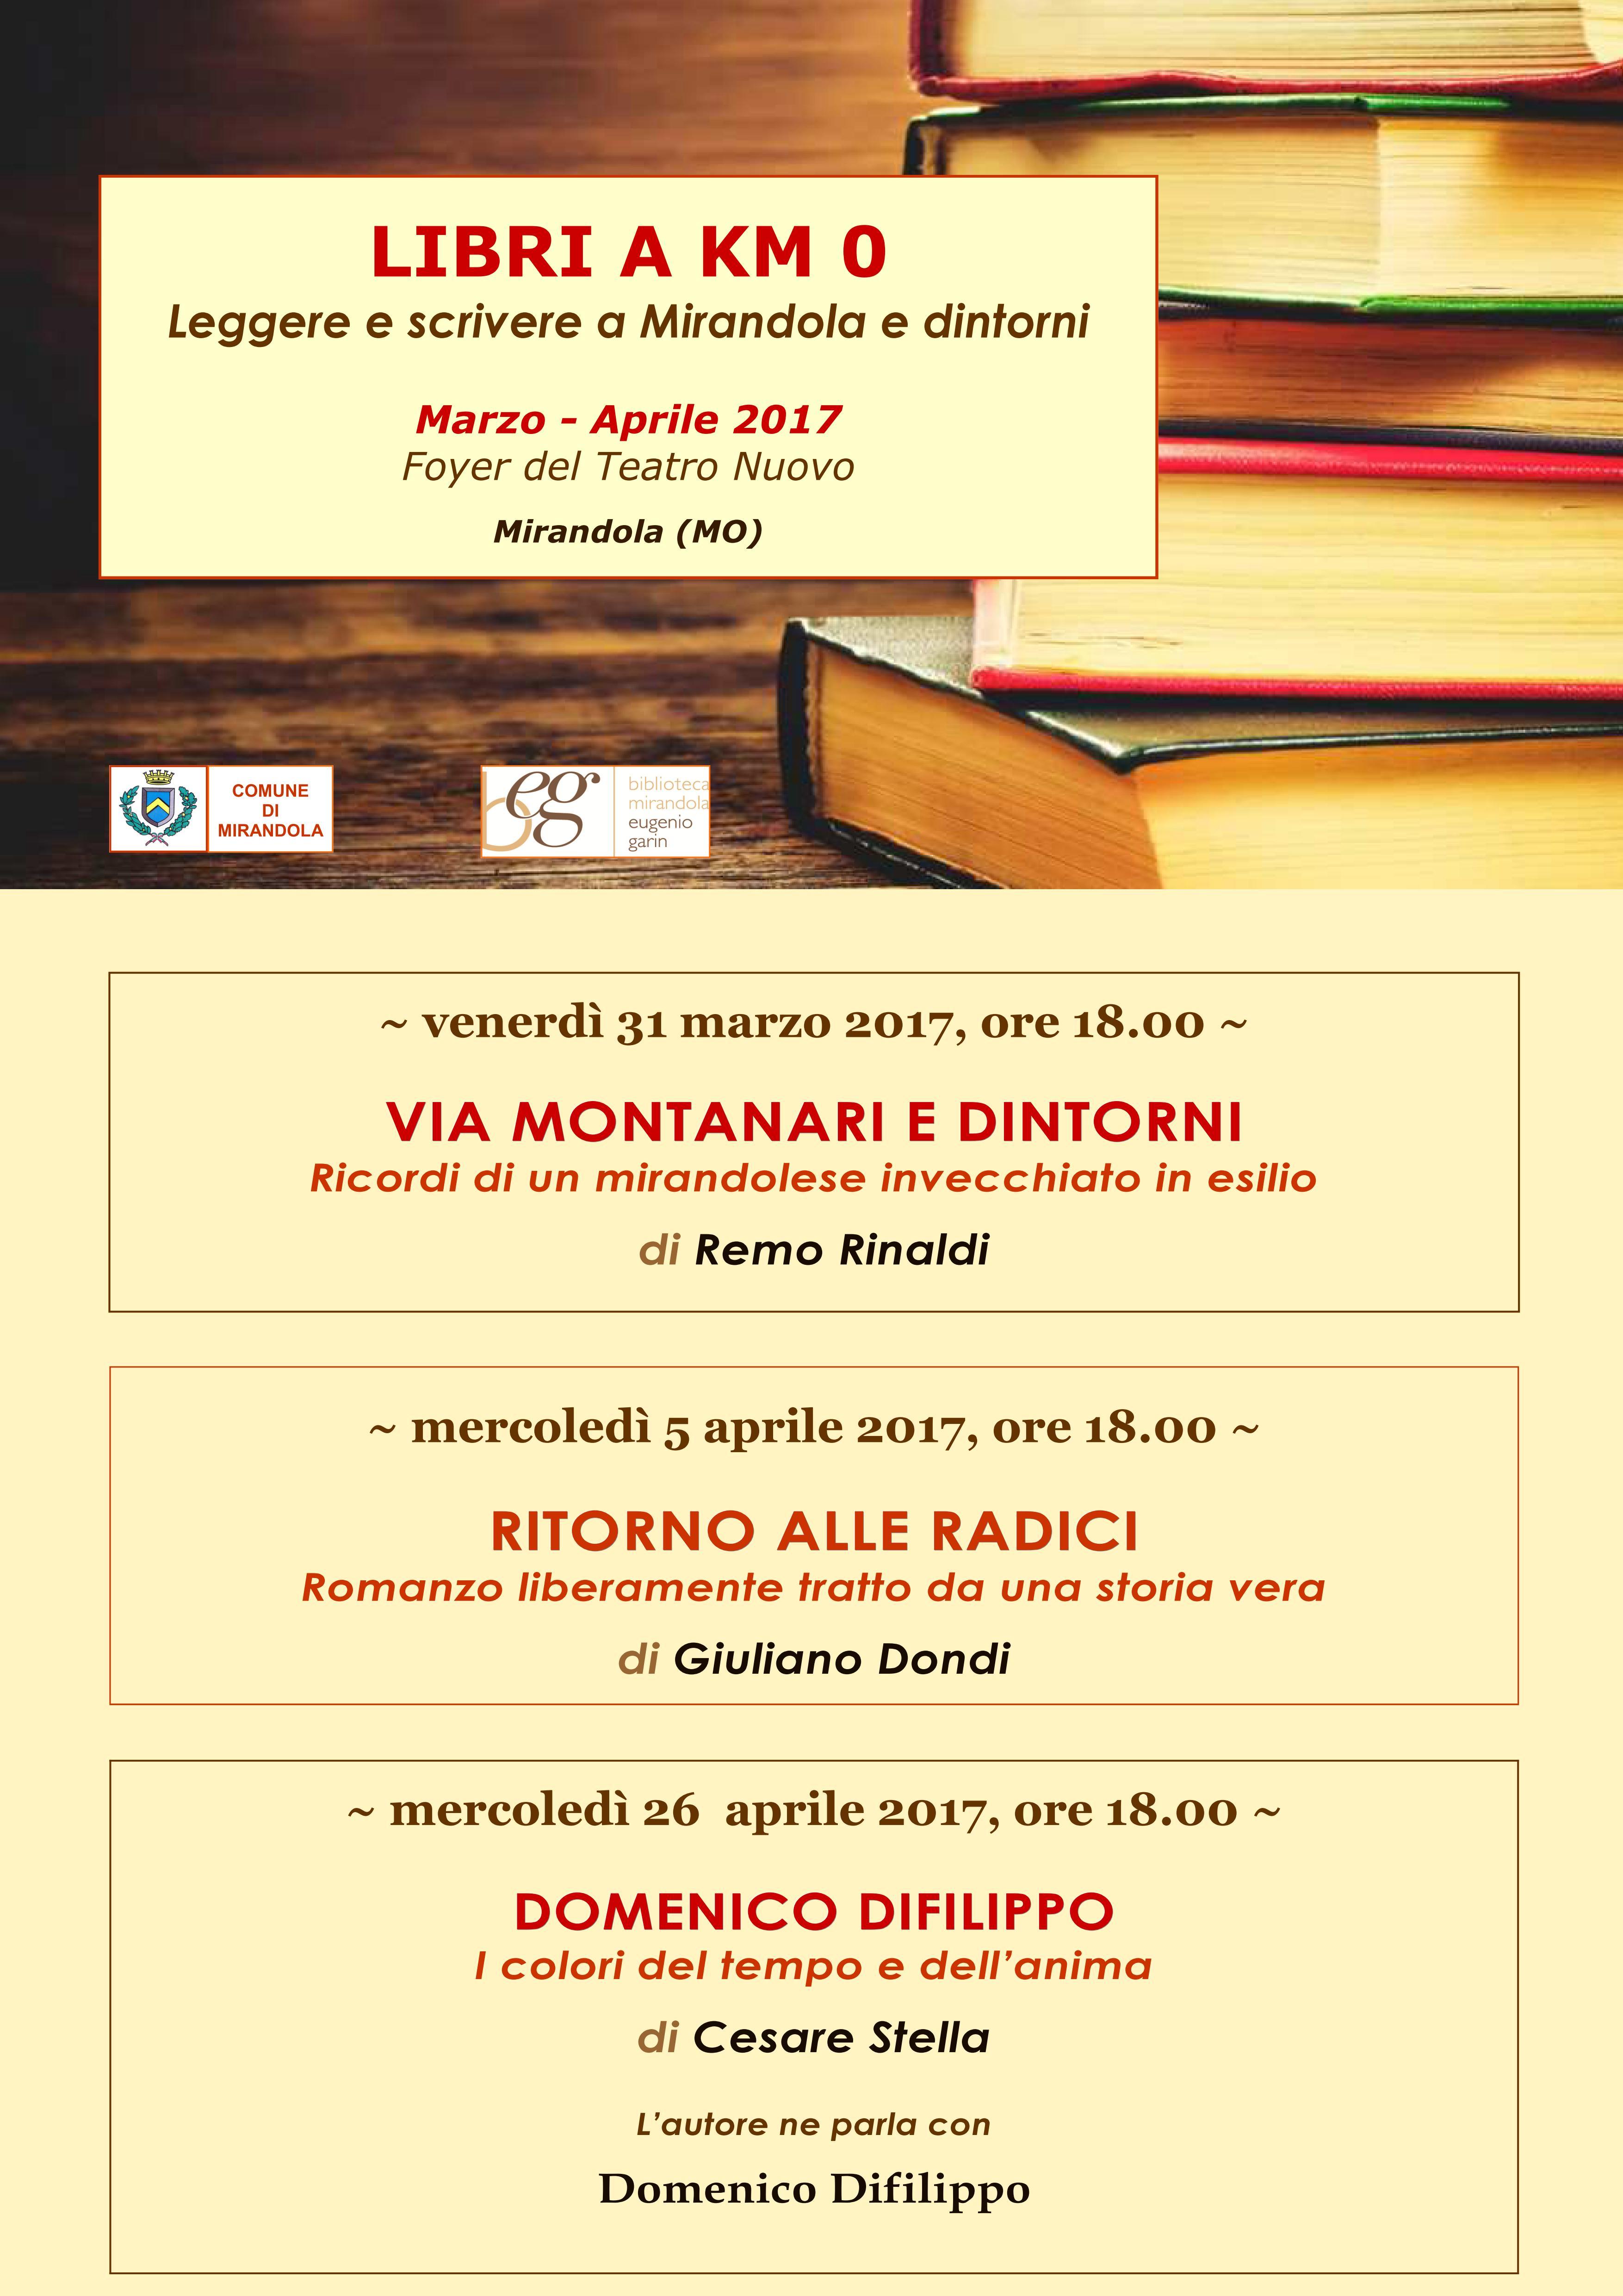 31 marzo libri